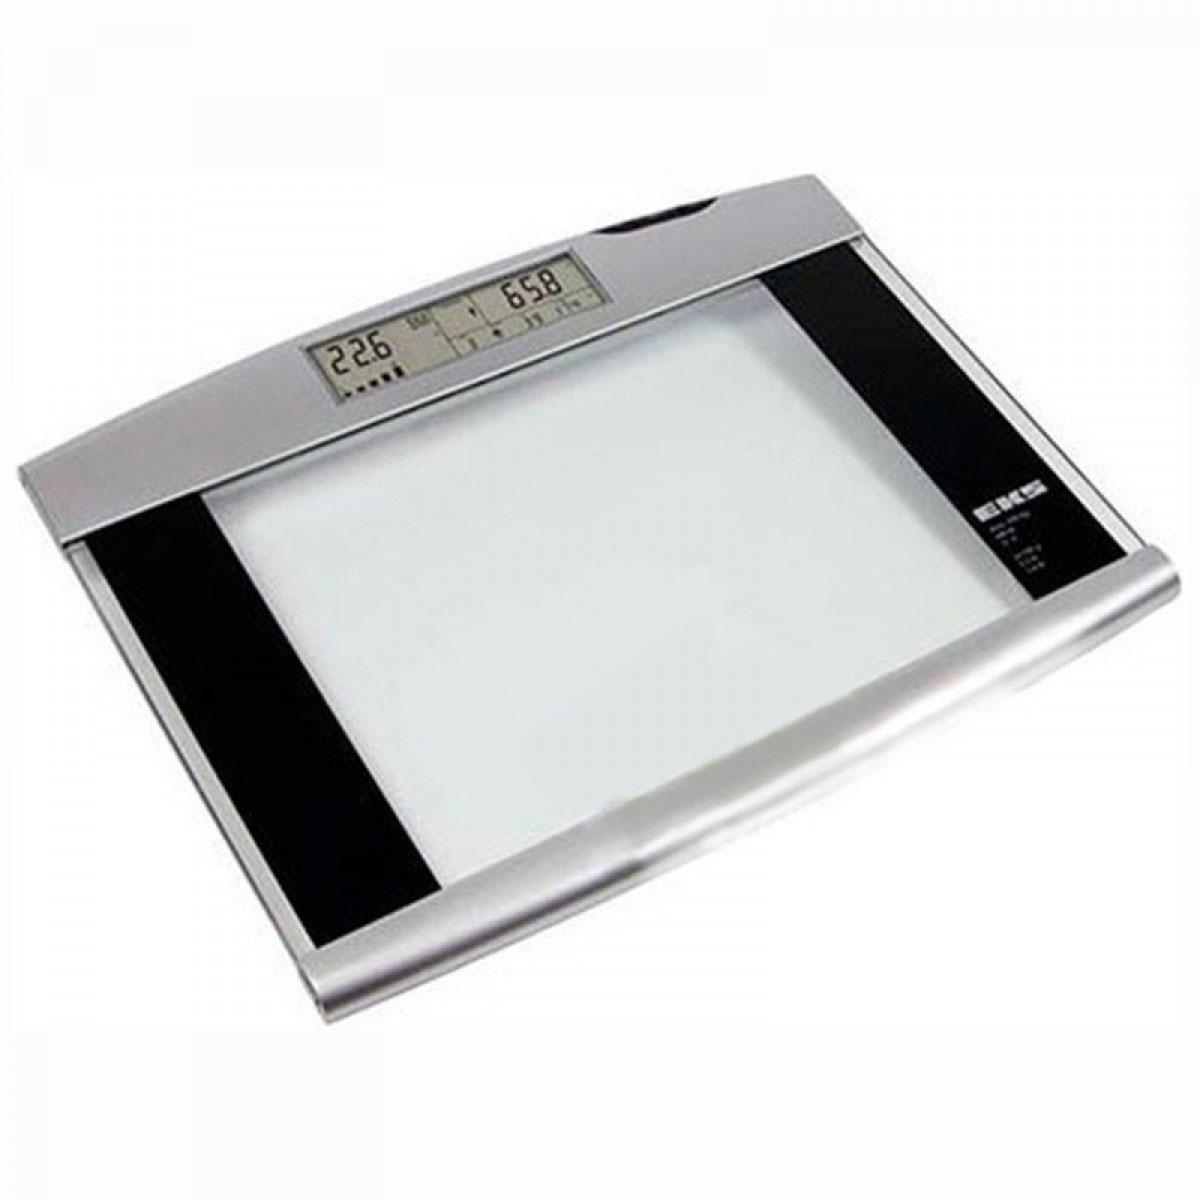 Μεγάλη Ψηφιακή Ζυγαριά Μπάνιου έως 200kg – EKS 9592